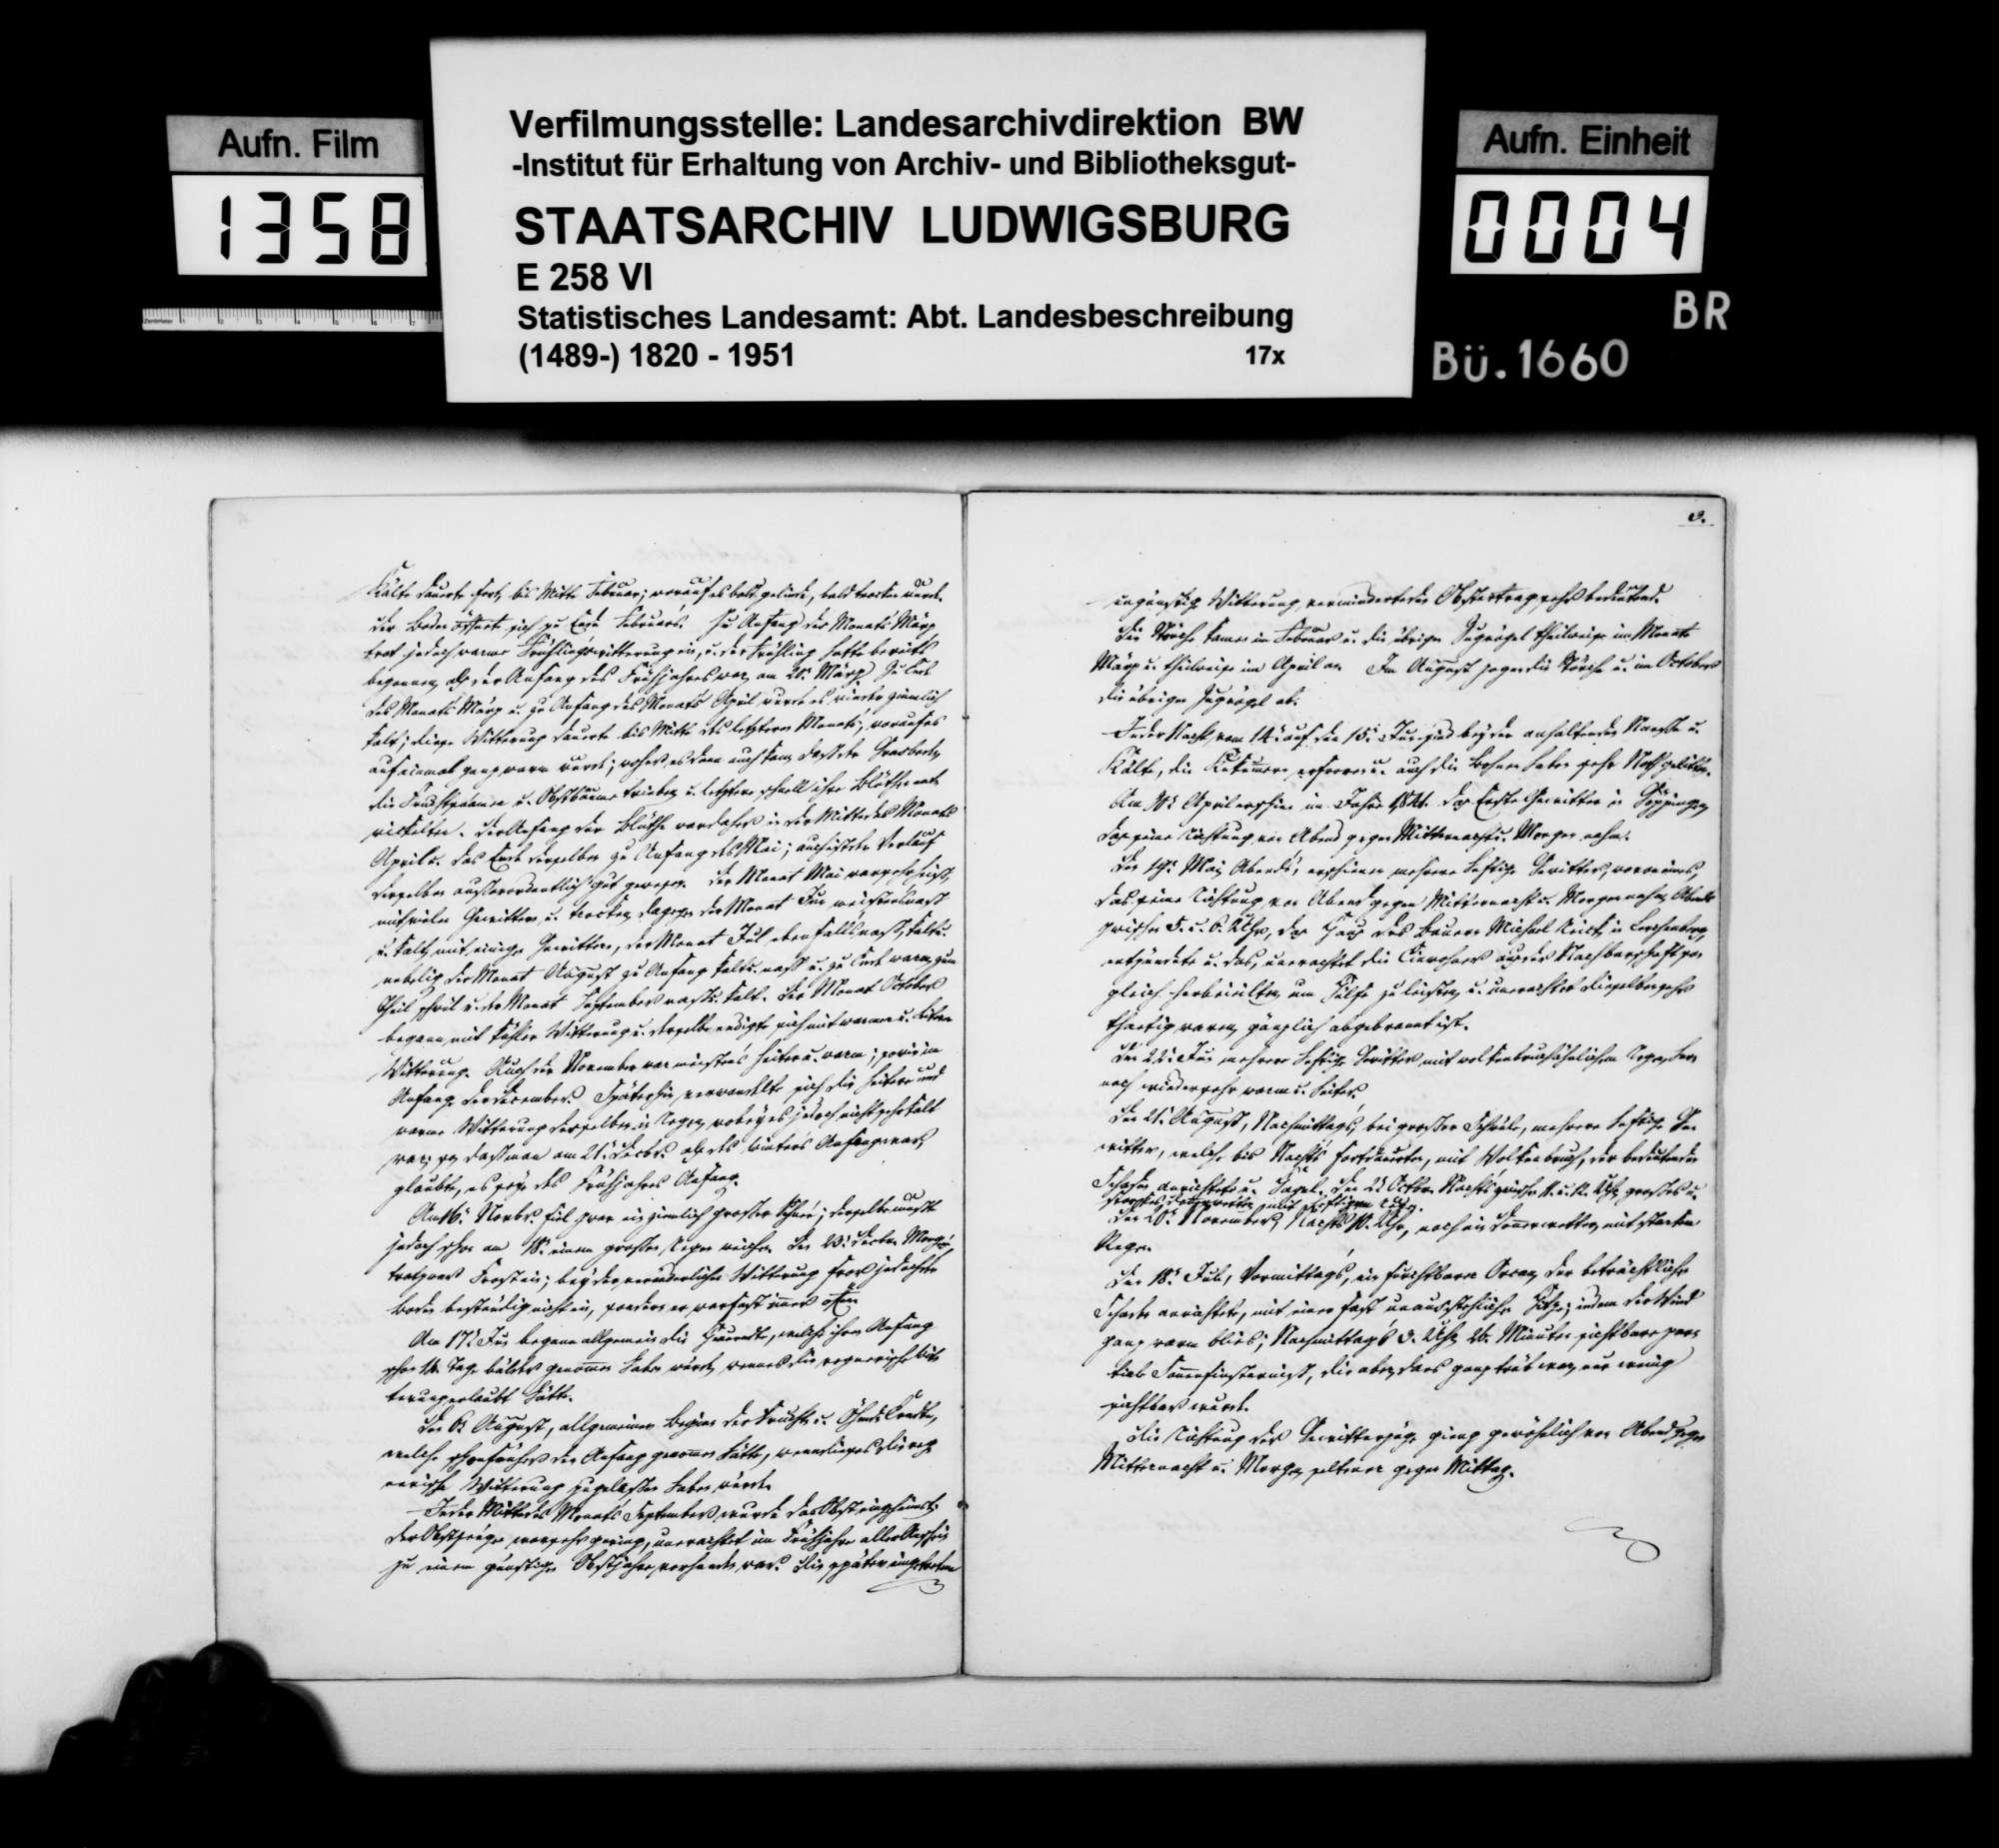 Jahreschronik der Stadt Göppingen für die Jahre 1841 und 1842, von Oberamtsarzt Dr. von Hartmann, Bild 3